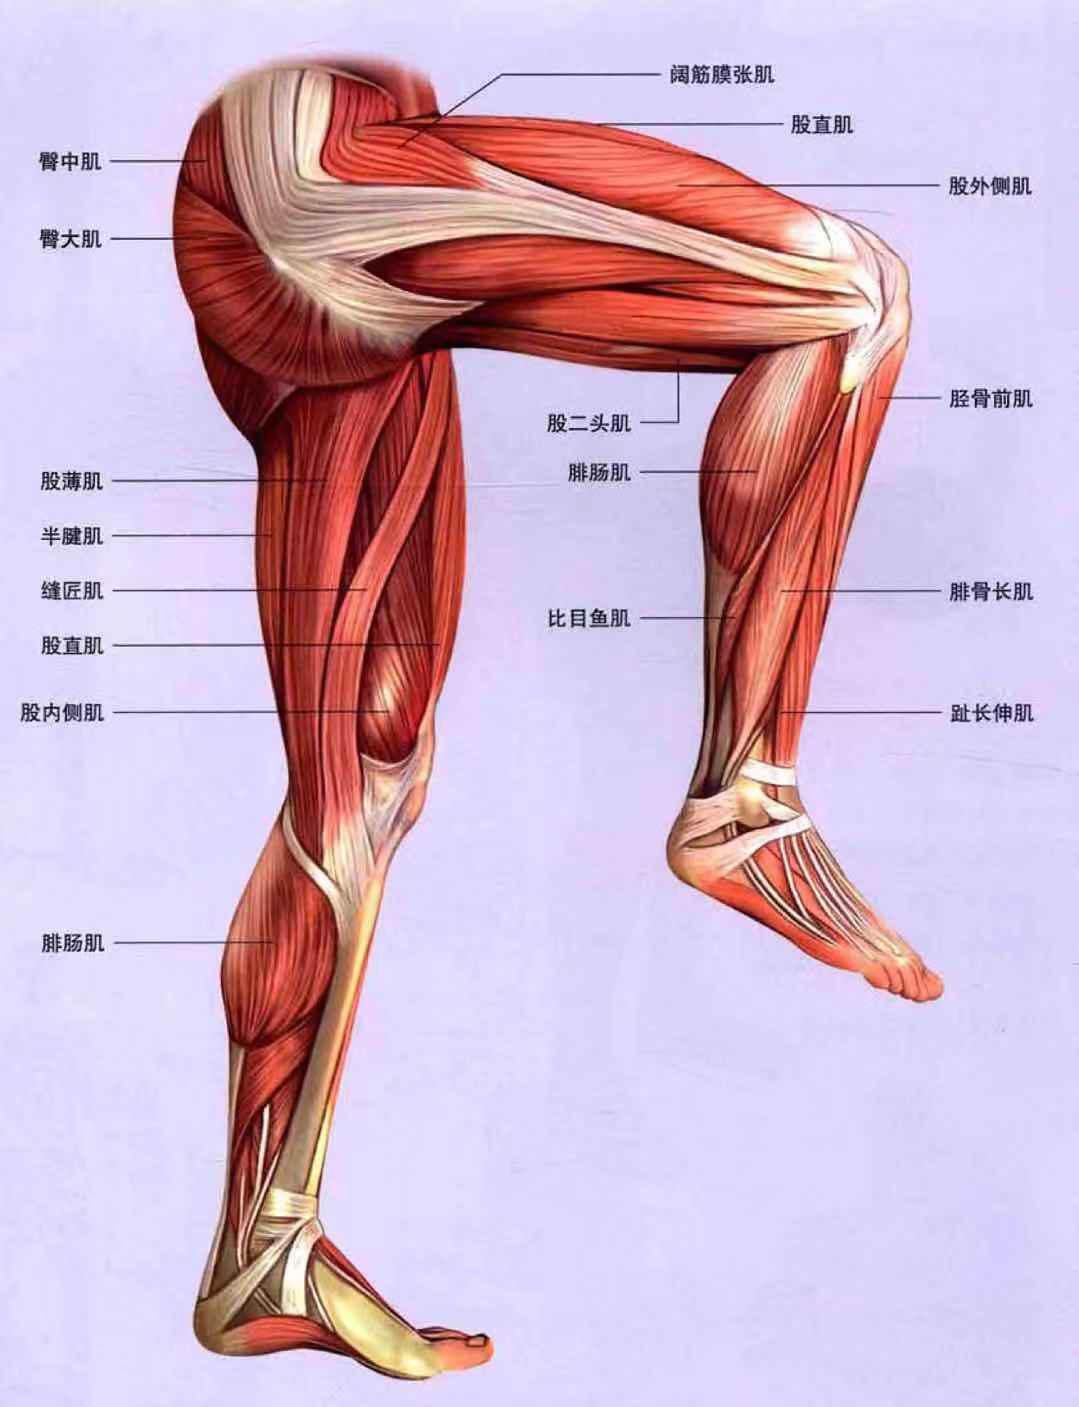 大腿锻炼方法图解